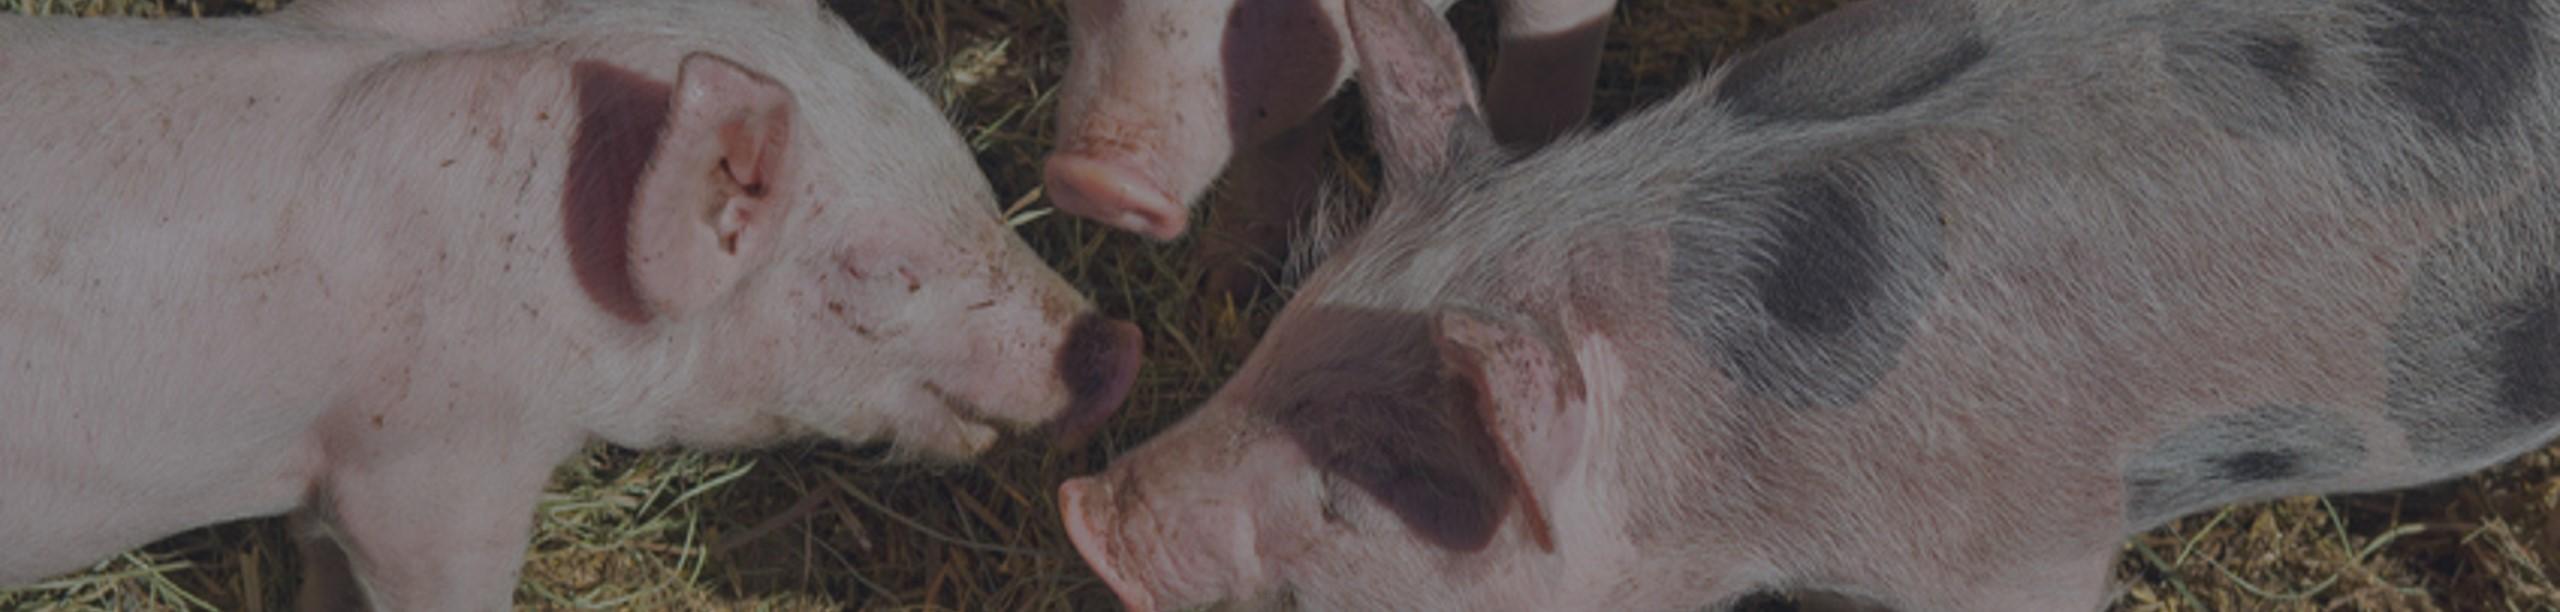 Pork2-3